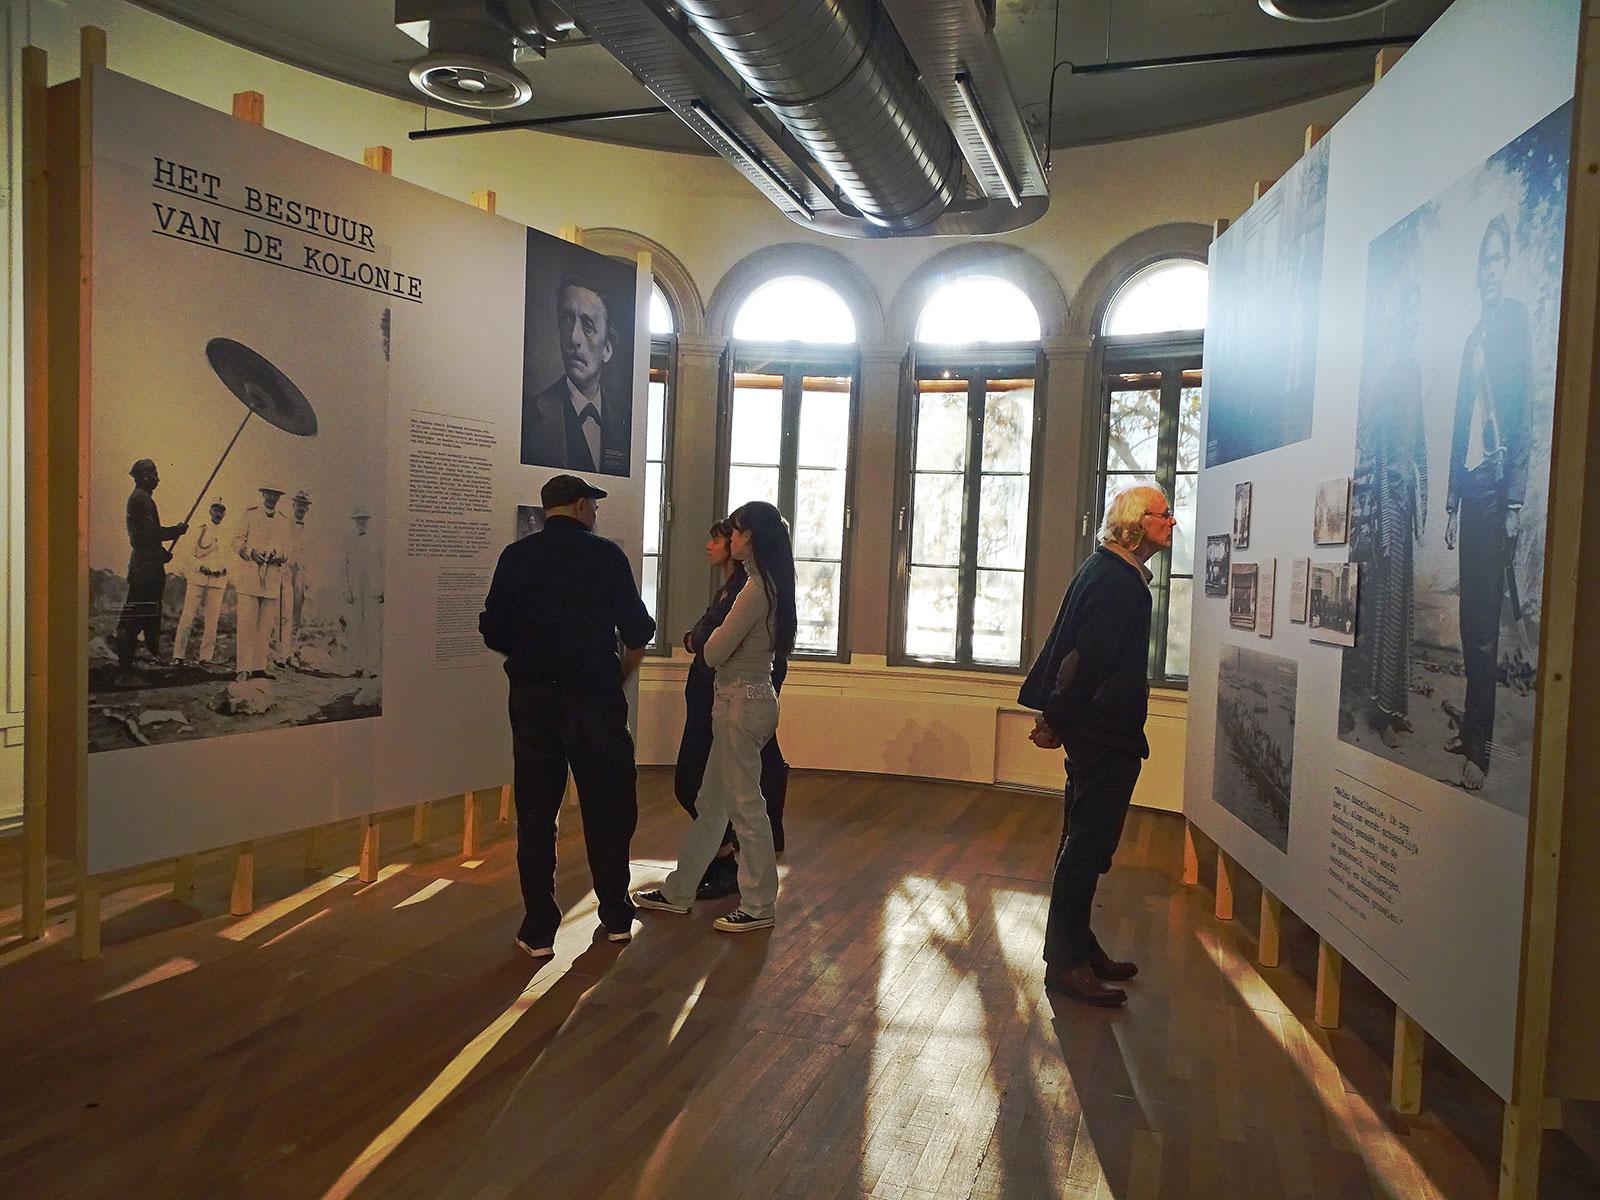 blog dossier indie wereldmuseum rotterdam 3 multatuli